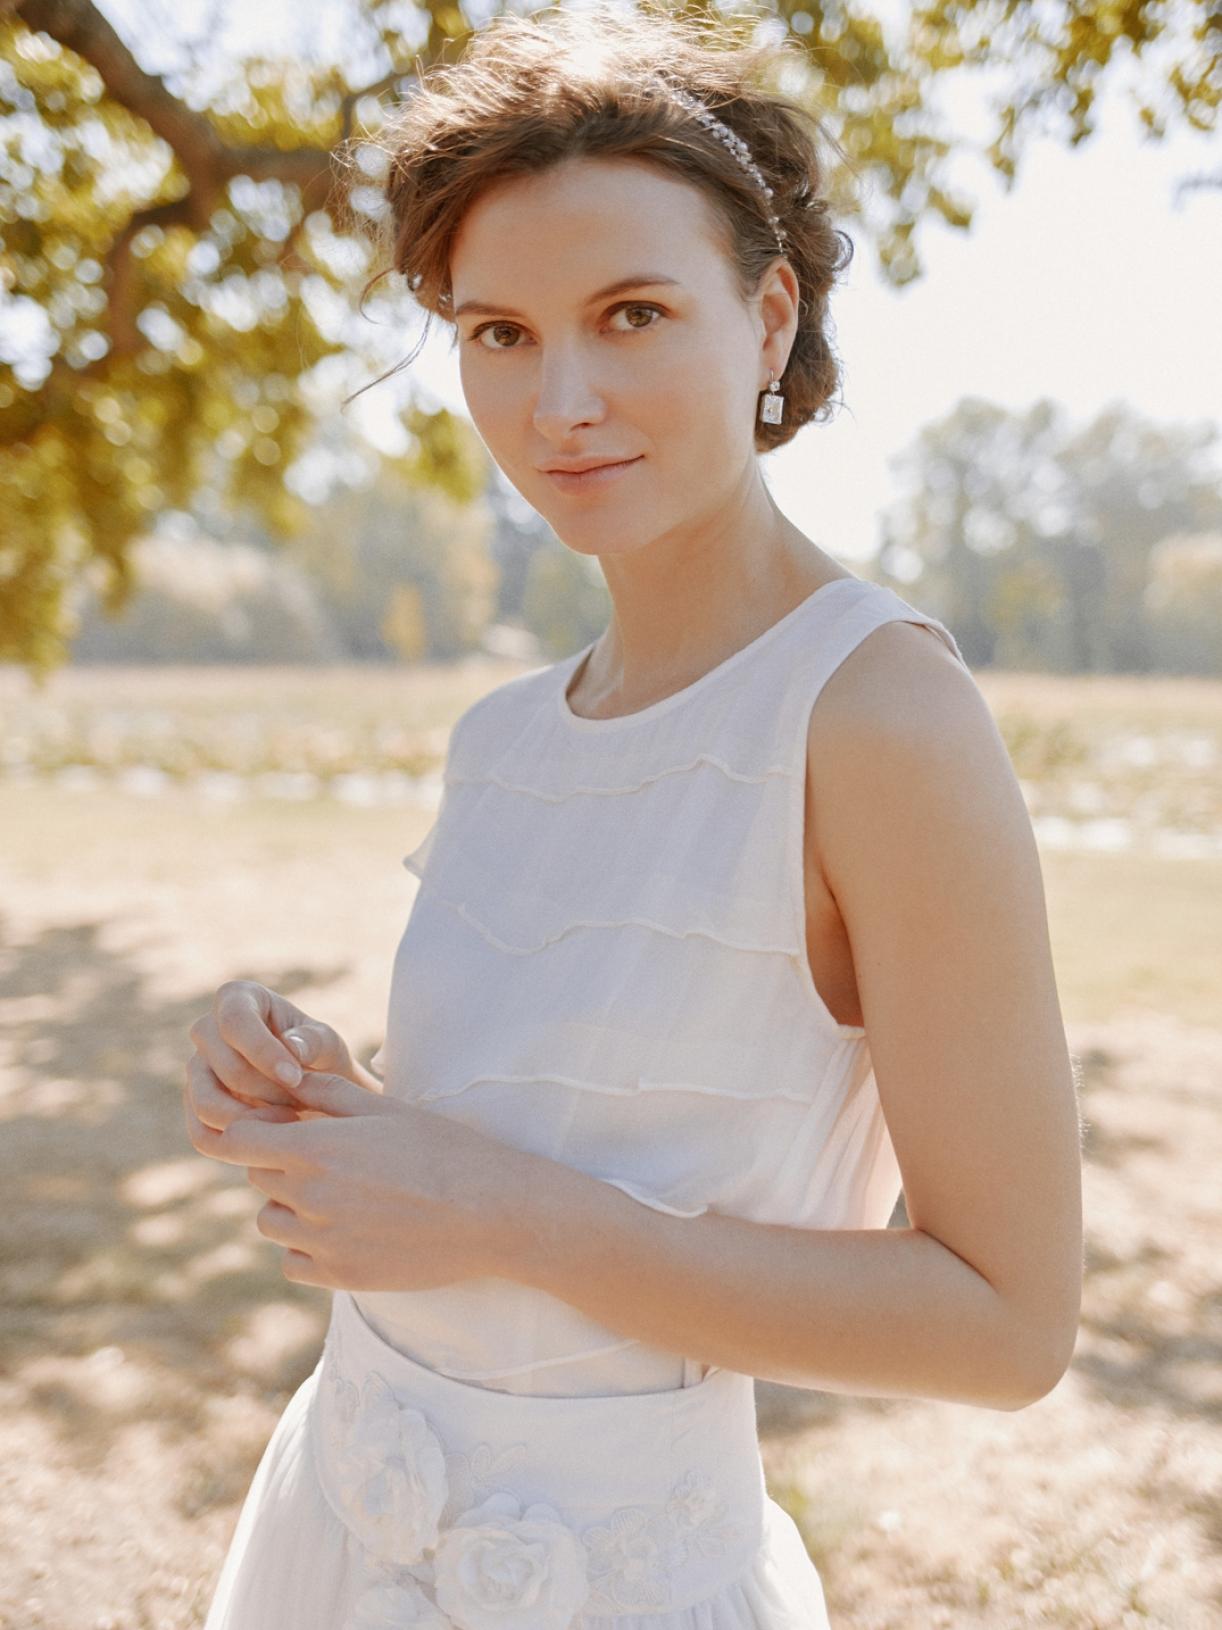 FAUSTINE - Robe de mariée courte créateur et sur-mesure pas cher a Paris - Myphilosophy